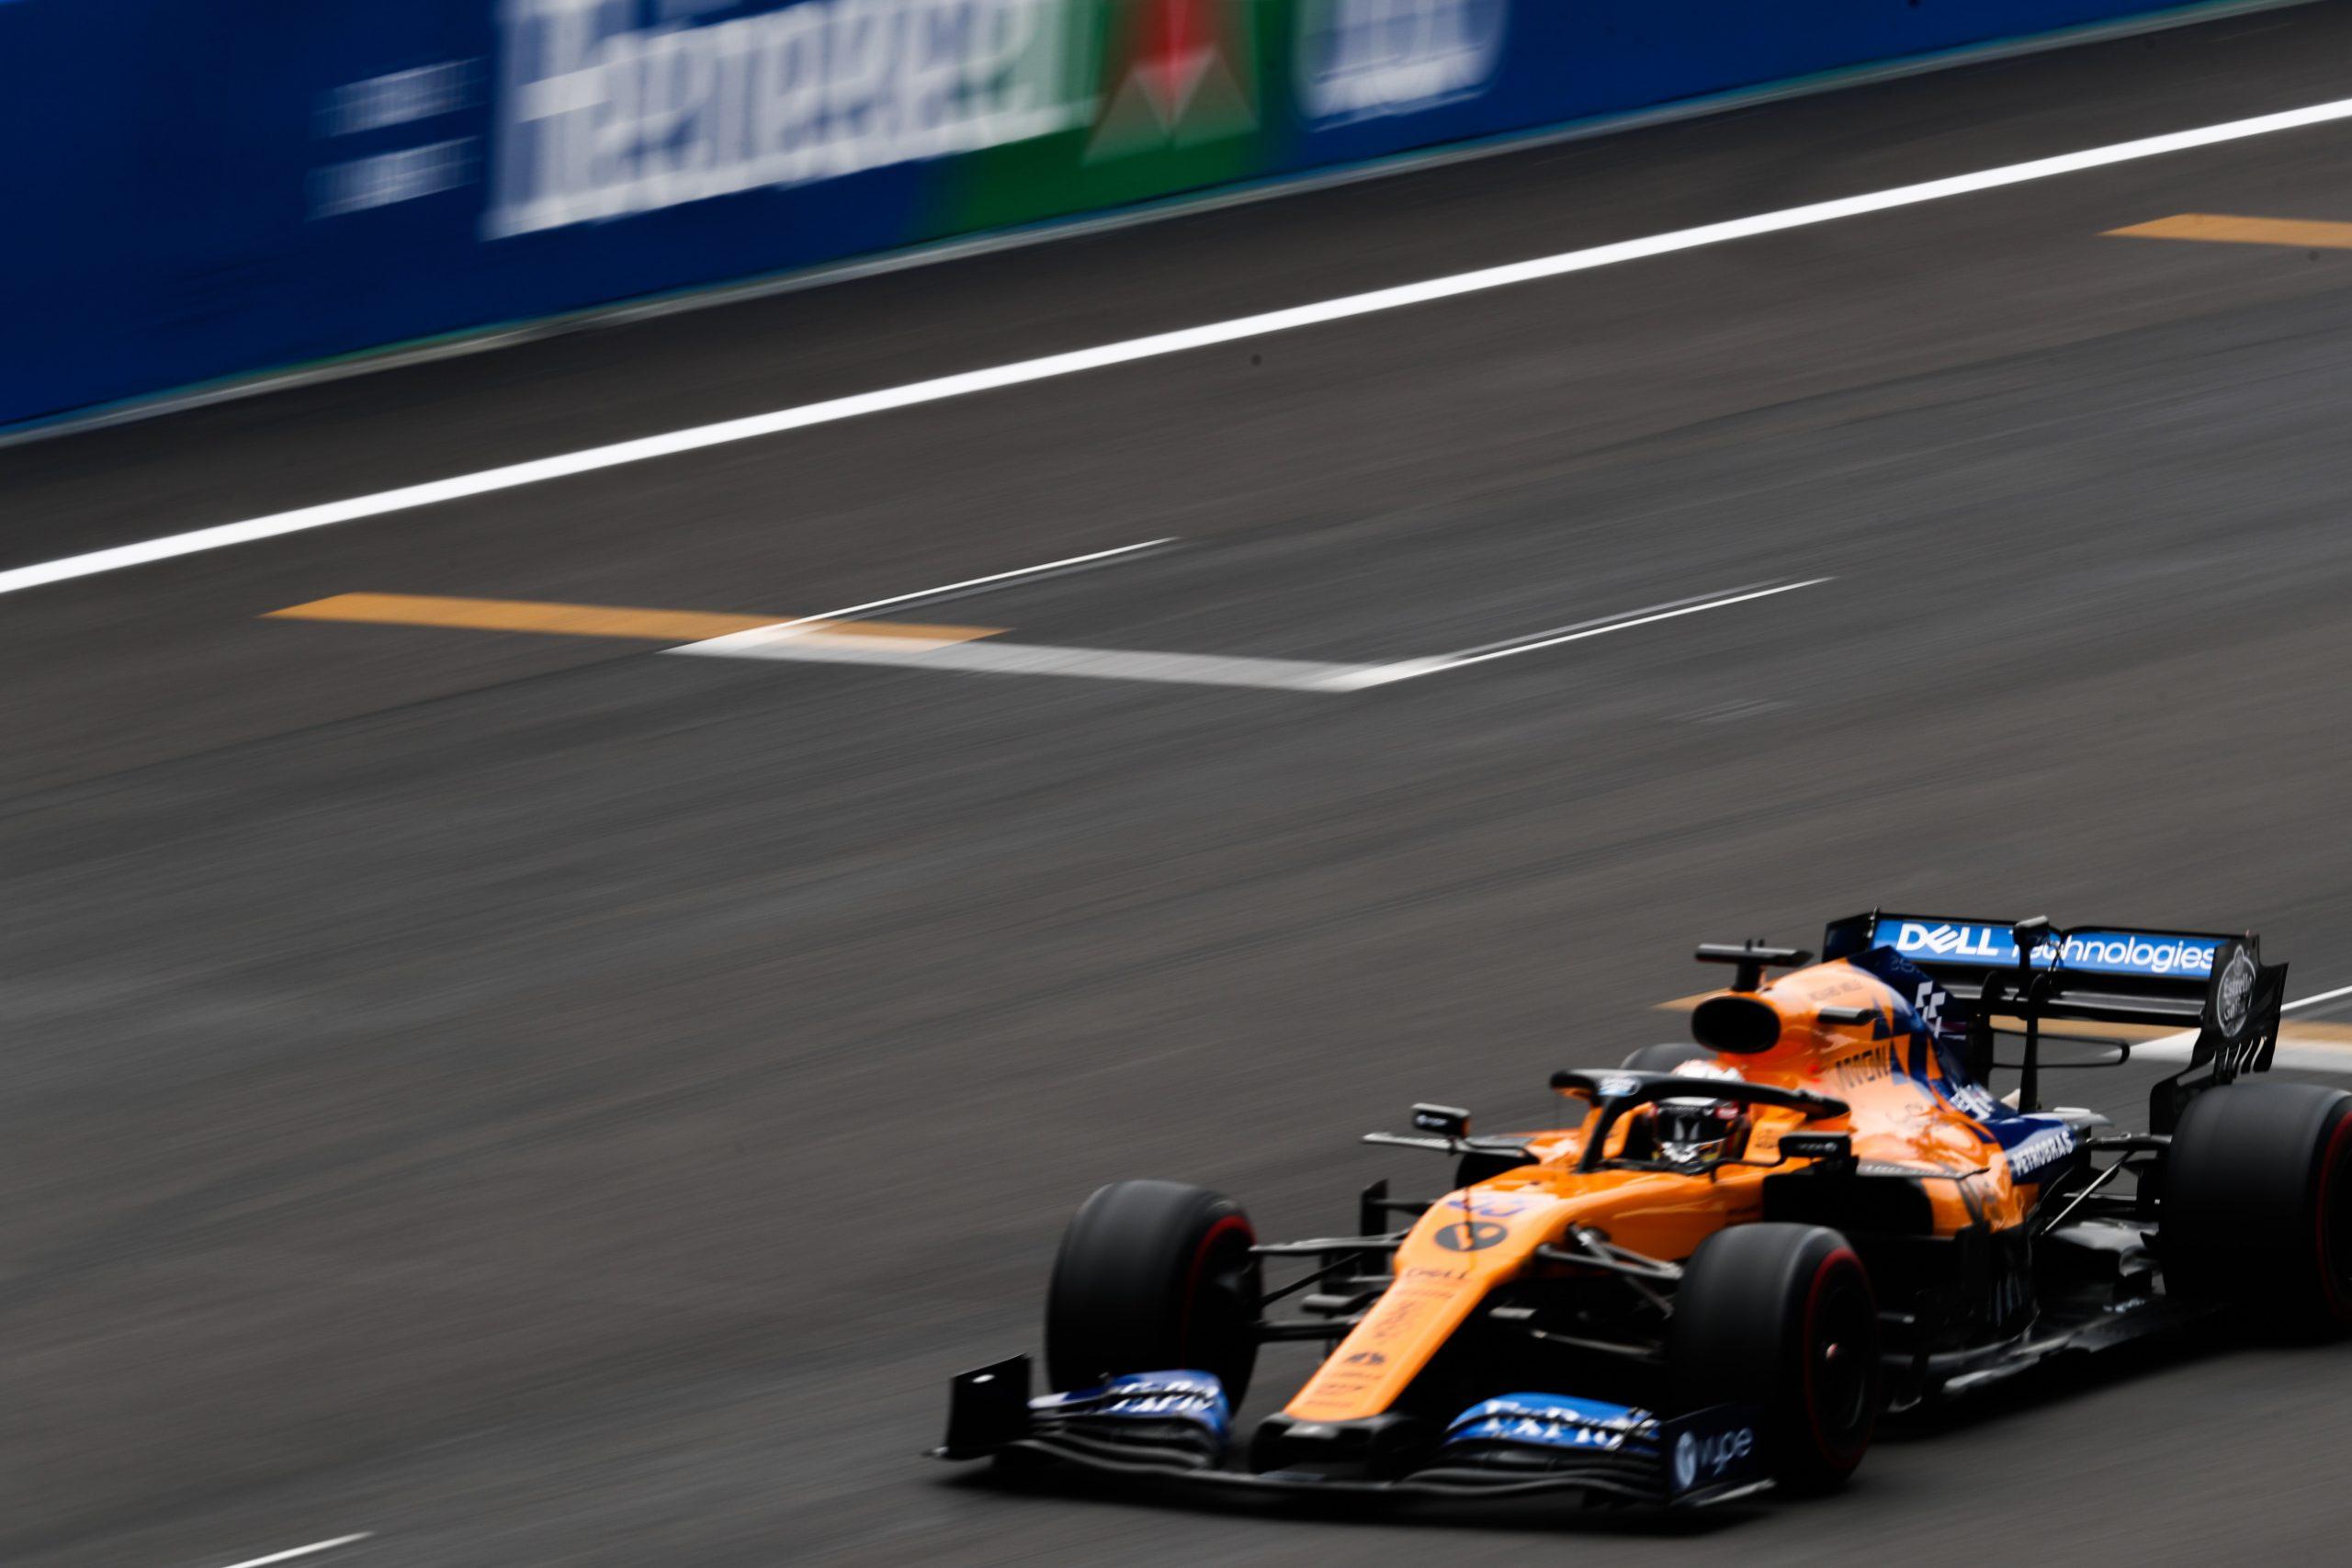 Formule 1 GP Italië – Vijfdaagse vliegreis – Monza 2021